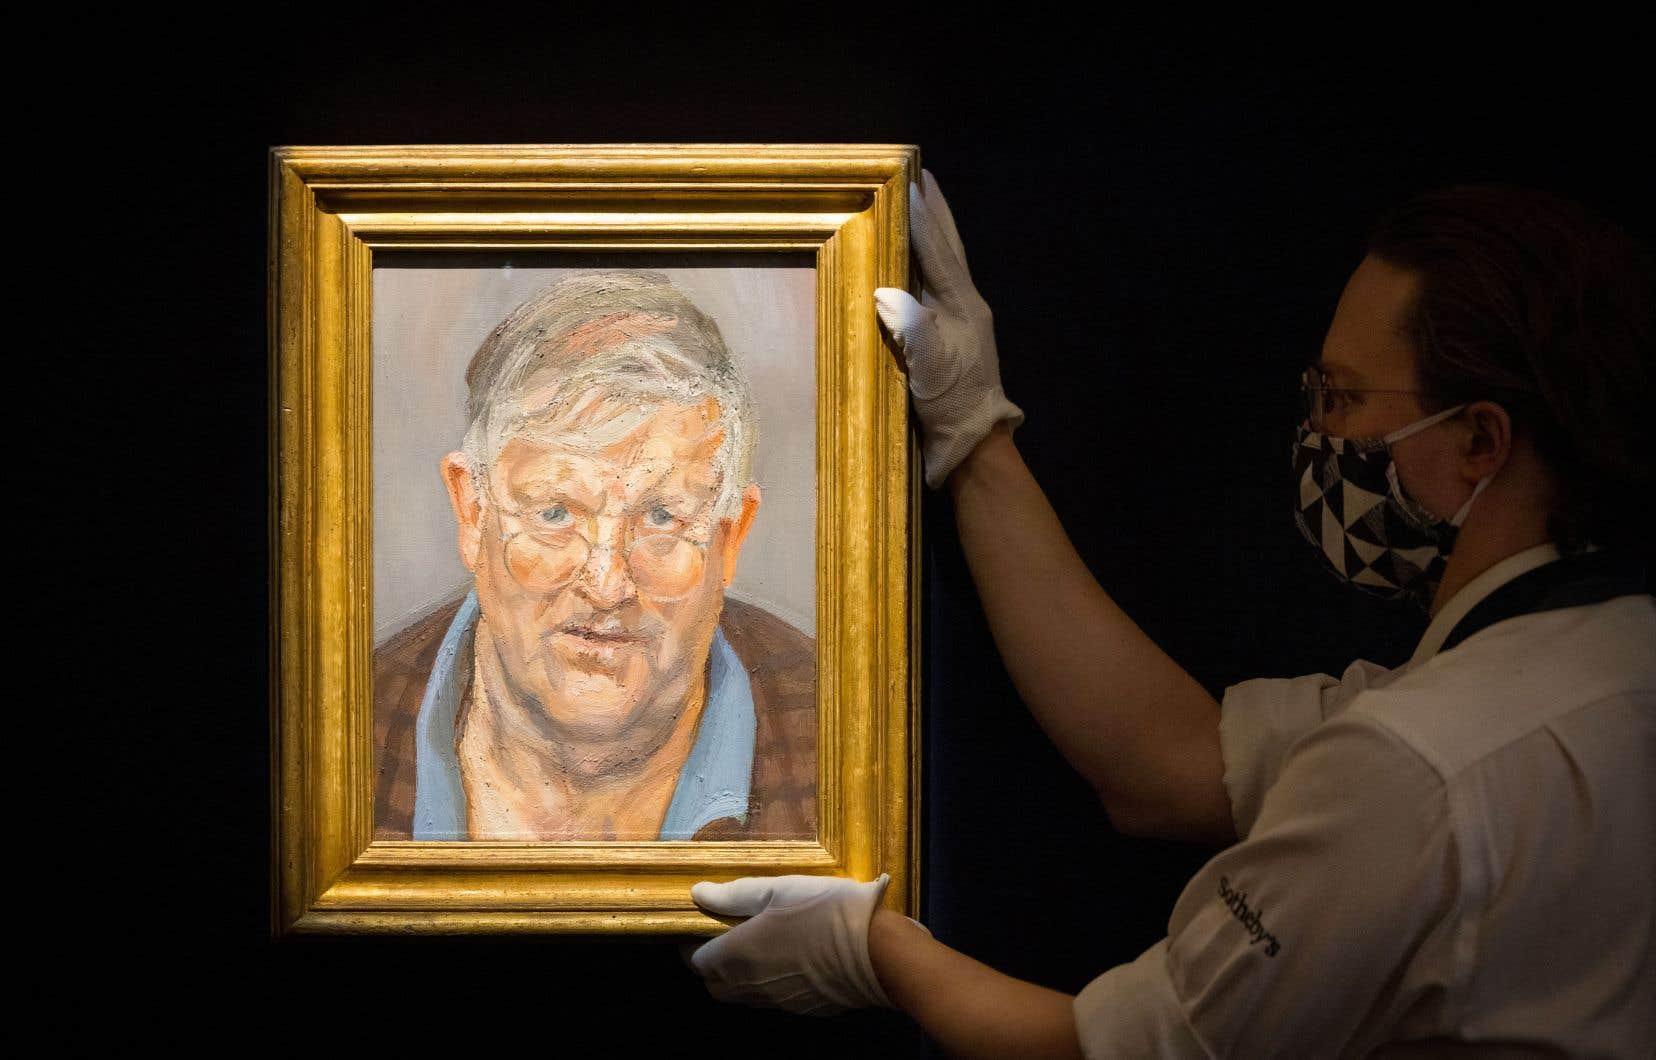 David Hockney, l'un des artistes vivants les plus chers au monde, y apparaît sourcils légèrement froncés, portant le regard par-dessus de fines lunettes, «en pleine réflexion, révélant sa chaleur et sa curiosité», selon Sotheby's.